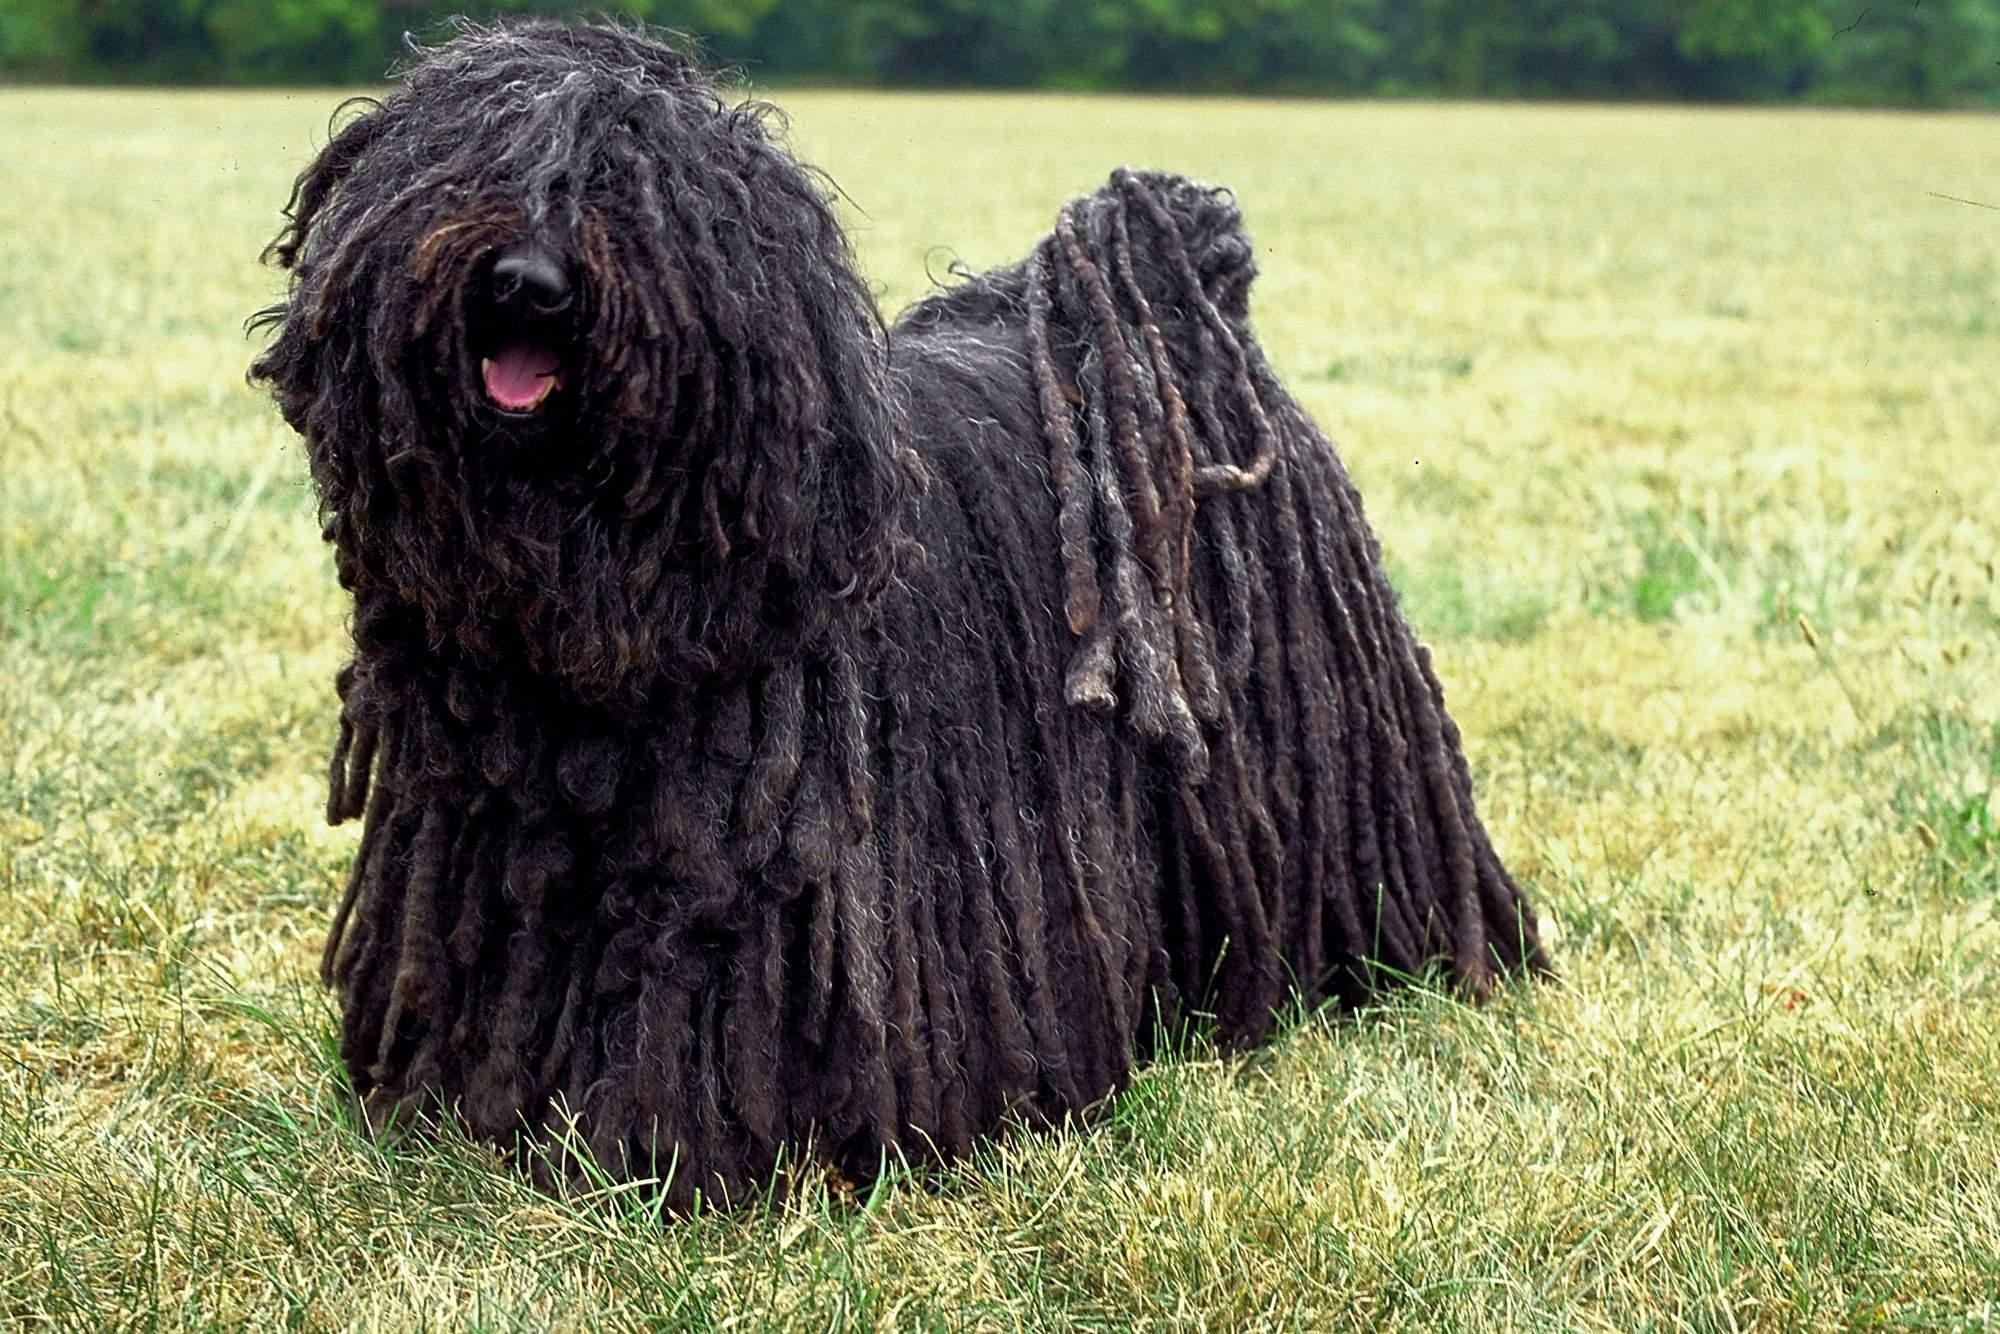 Собаки с бородой (26 фото): что необычного в бородатых собаках? представители породы маленьких размеров